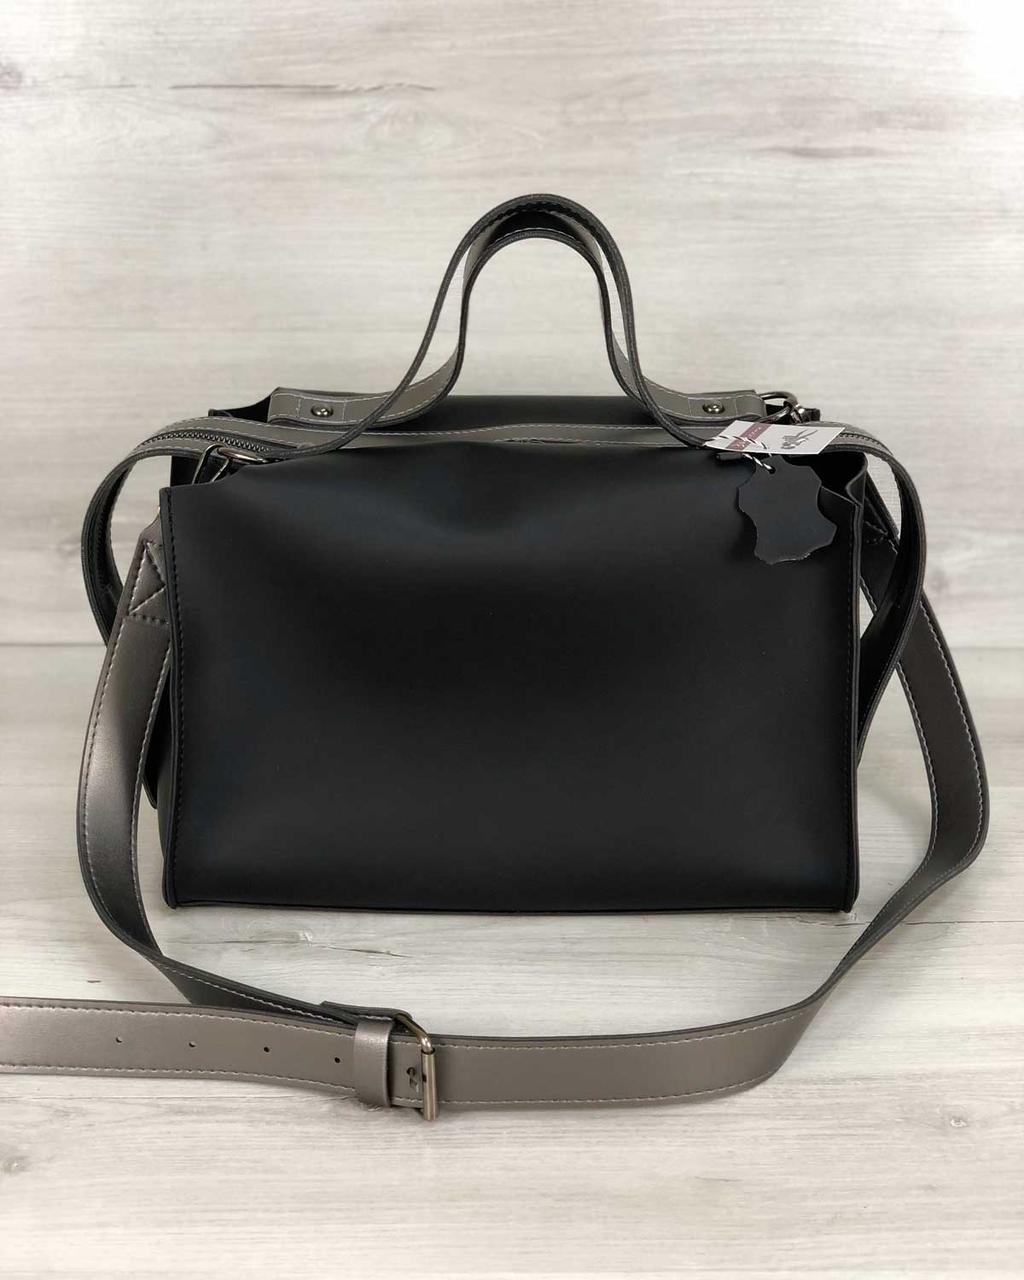 Молодежная женская стильная сумка 2 в 1 Малика черного цвета, женская модная сумка среднего размера из экокожи